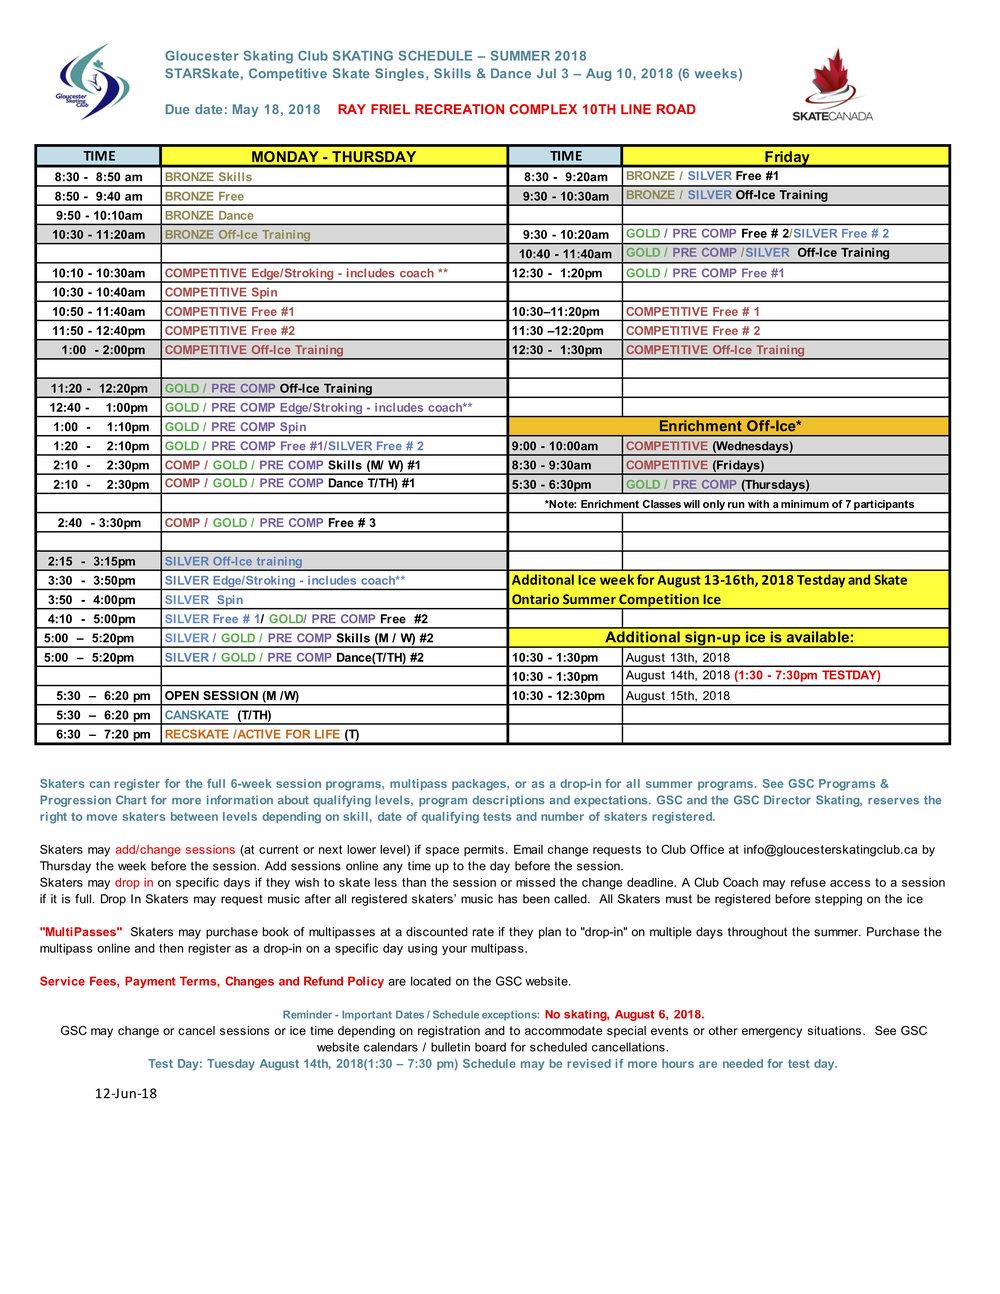 Summer 2018 Final 18-June-12 BG.jpg